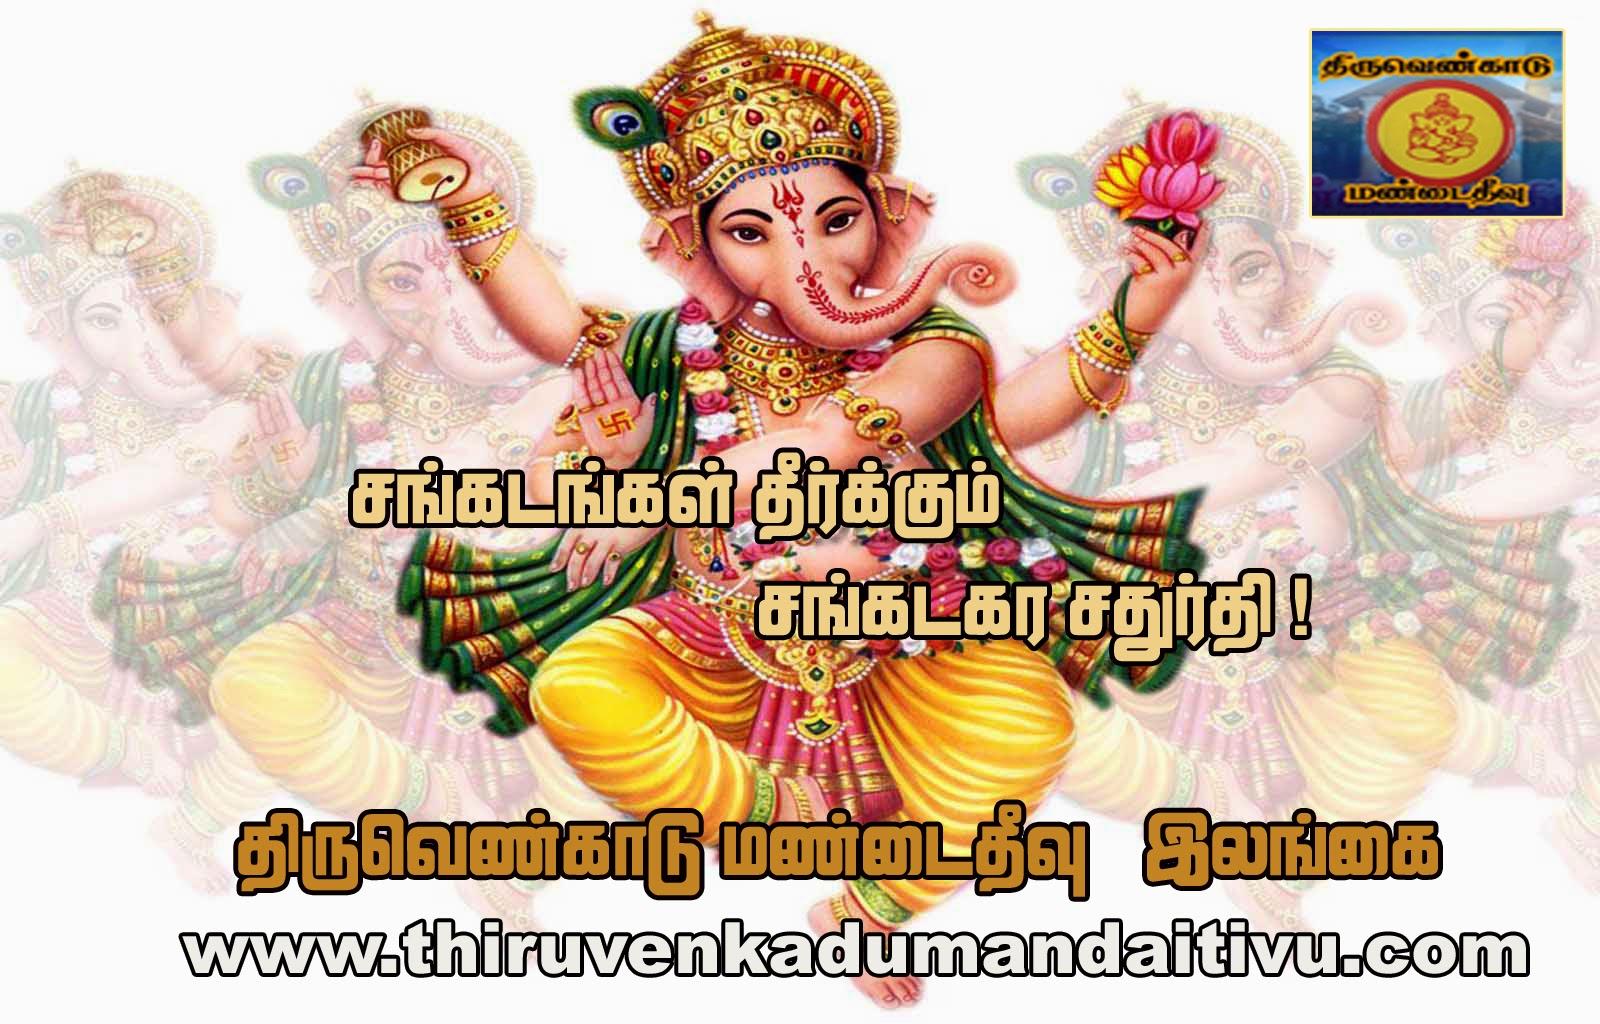 http://www.thiruvenkadumandaitivu.com/2014/11/10112014.html